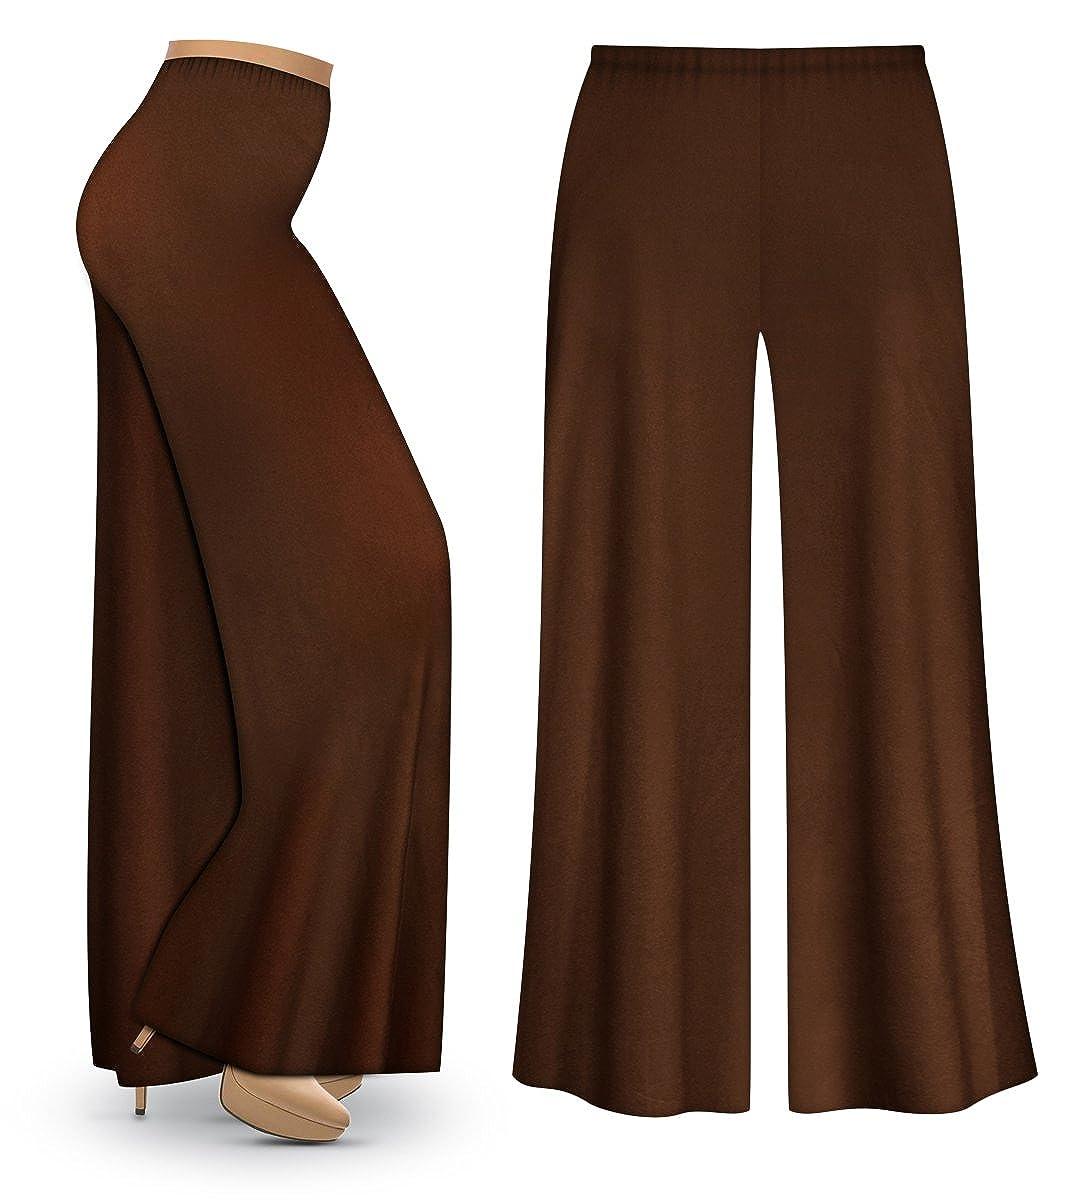 2927c5cc68a Sanctuarie Designs Brown Poly Cotton Jersey Knit Wide Leg Plus Size  Supersize Palazzo Pants at Amazon Women s Clothing store